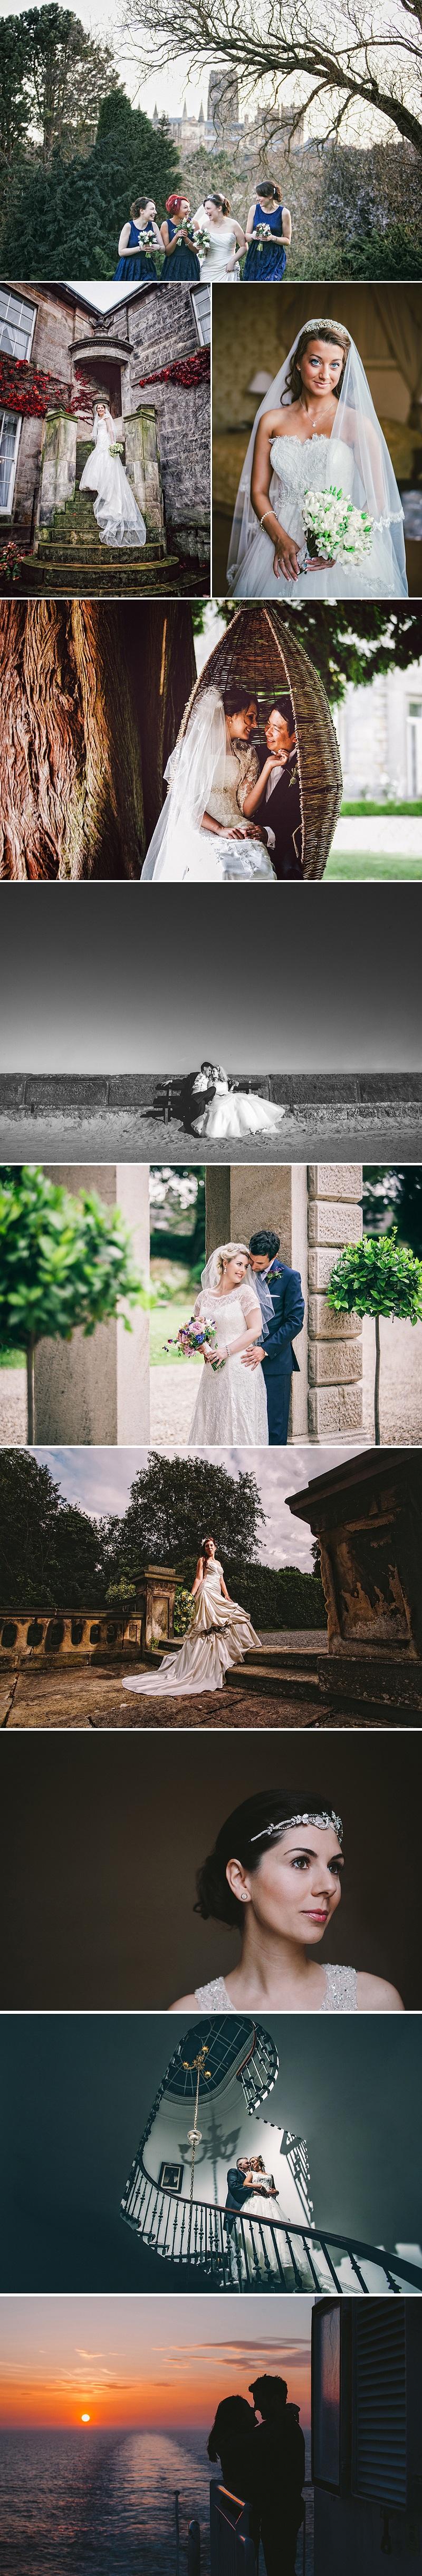 Collage-131231-BestOf2013-12.jpg